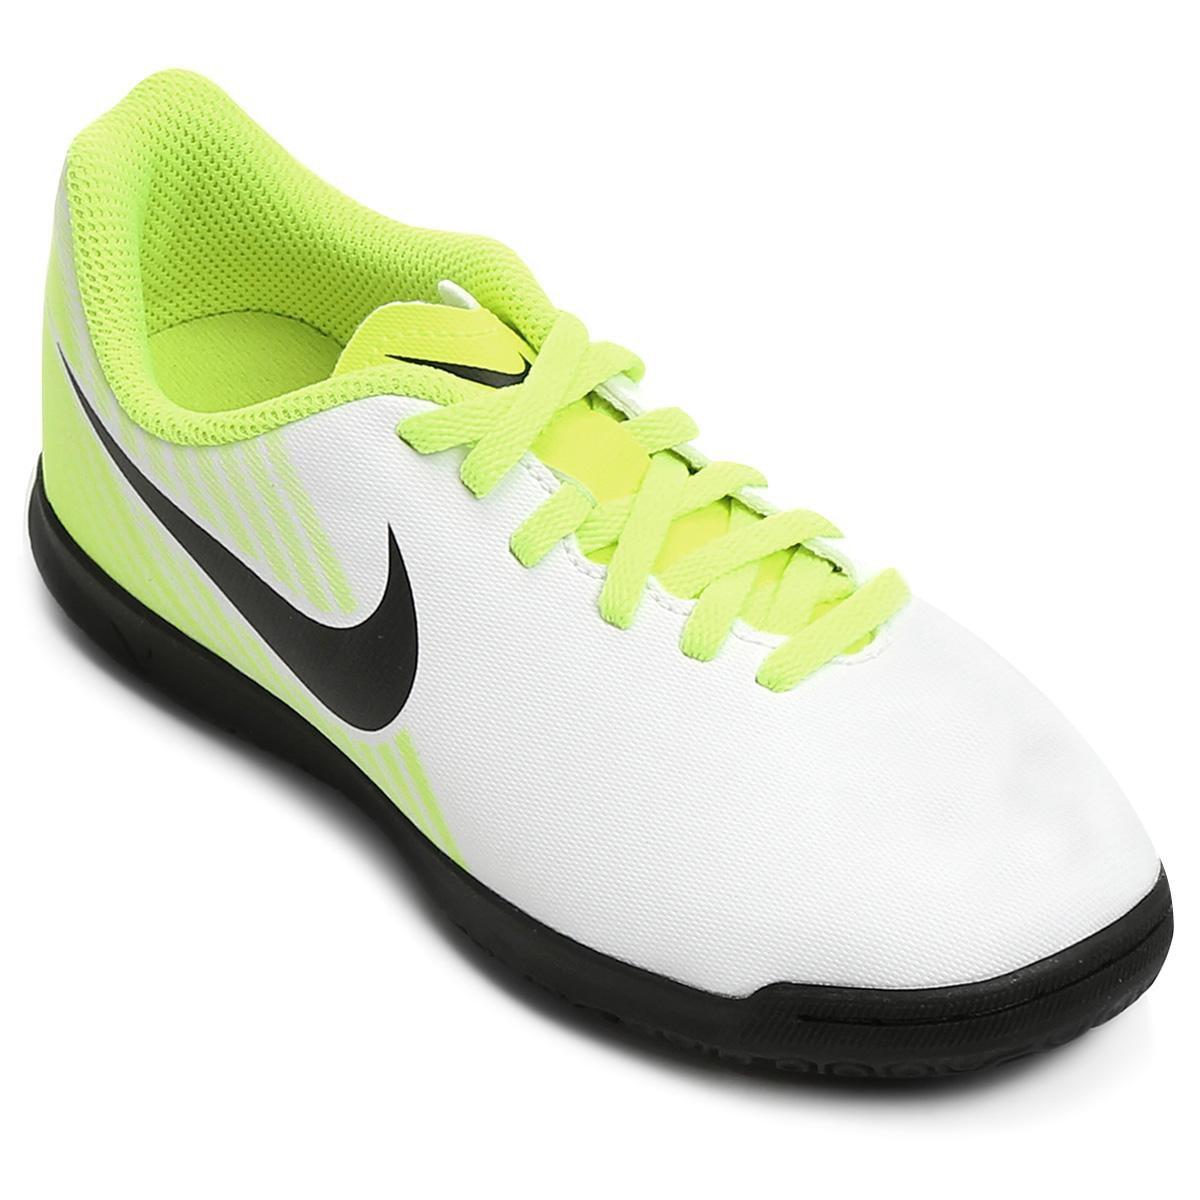 57f9bed1e302d Chuteira Futsal Infantil Nike Magista Ola II IC - Compre Agora ...